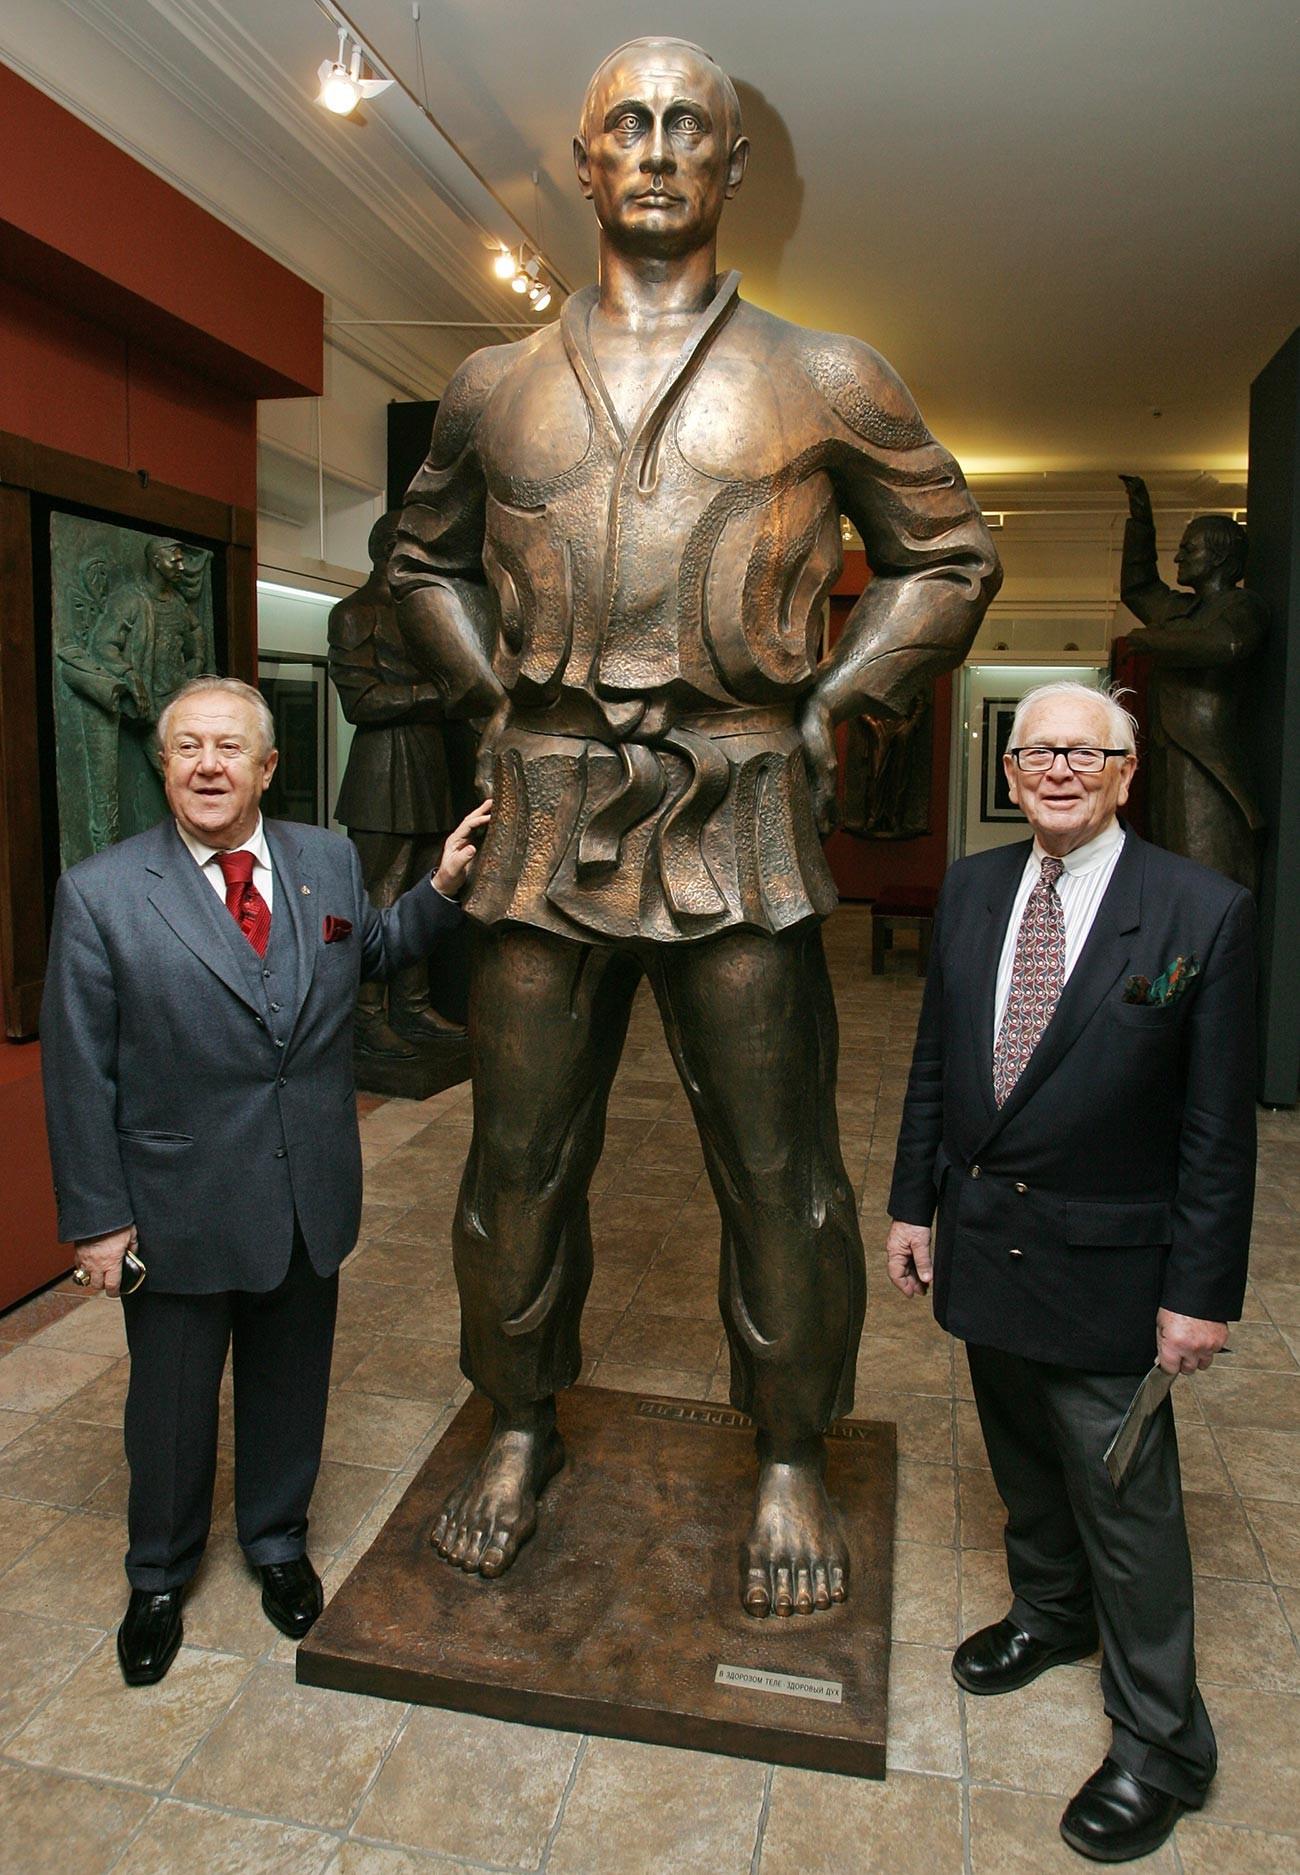 Pierre Cardin posant près d'une statue de Vladimir Poutine au sein de la galerie du sculpteur Zourab Tsereteli en novembre 2008. Tsereteli, président de l'Académie des arts de Russie, l'a alors récompensé du titre de membre honorifique de l'institution.